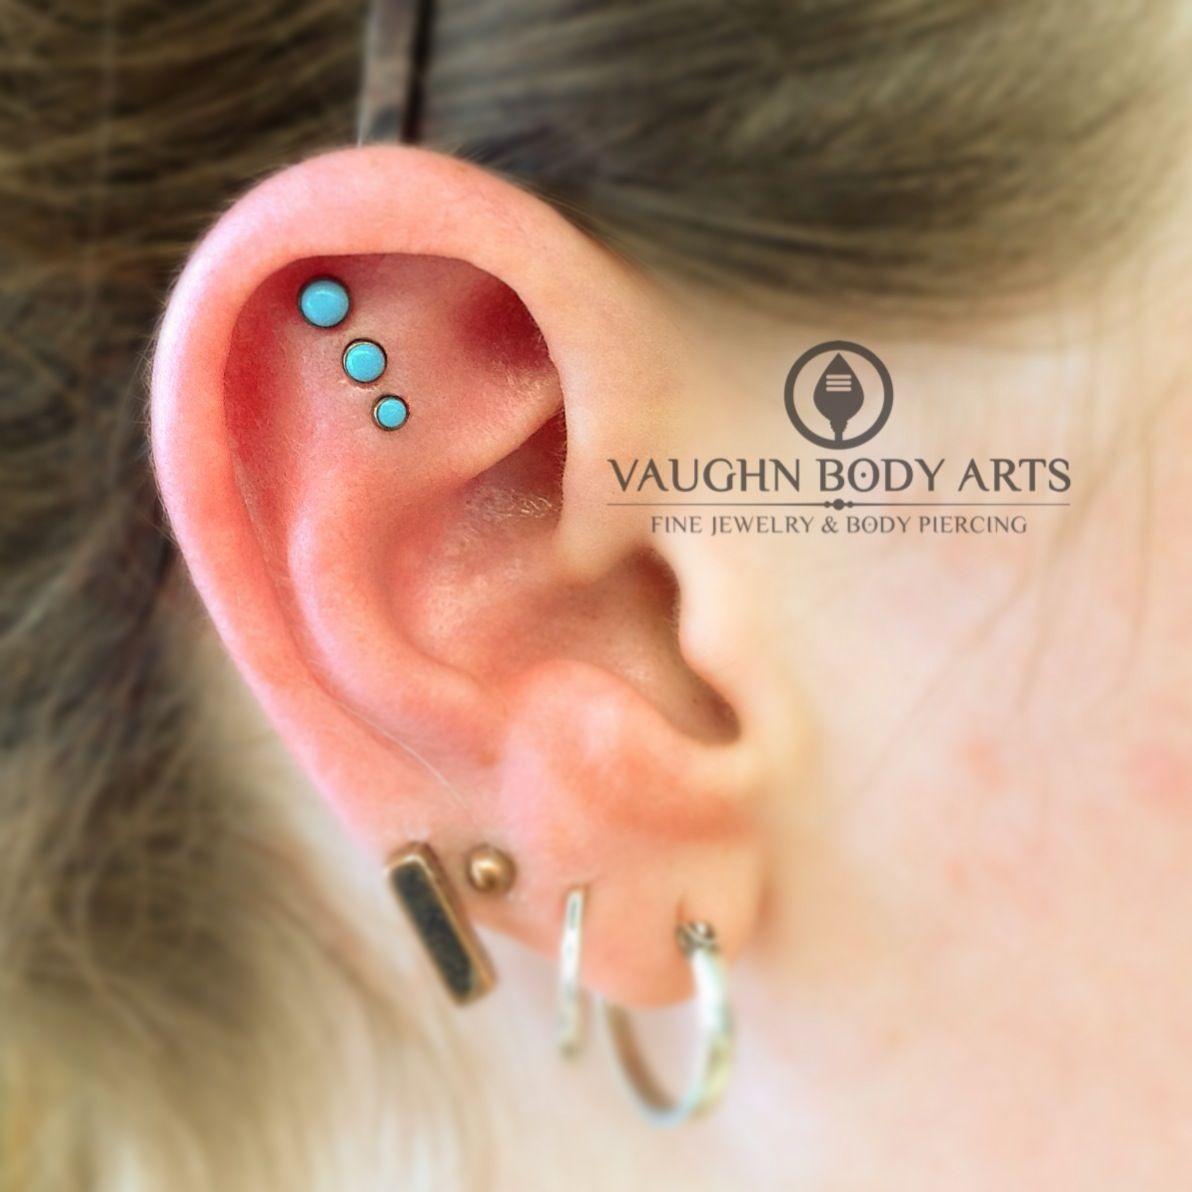 High up nose piercing  VAUGHN BODY ARTS  Beauty  Pinterest  Body art Piercings and Ear